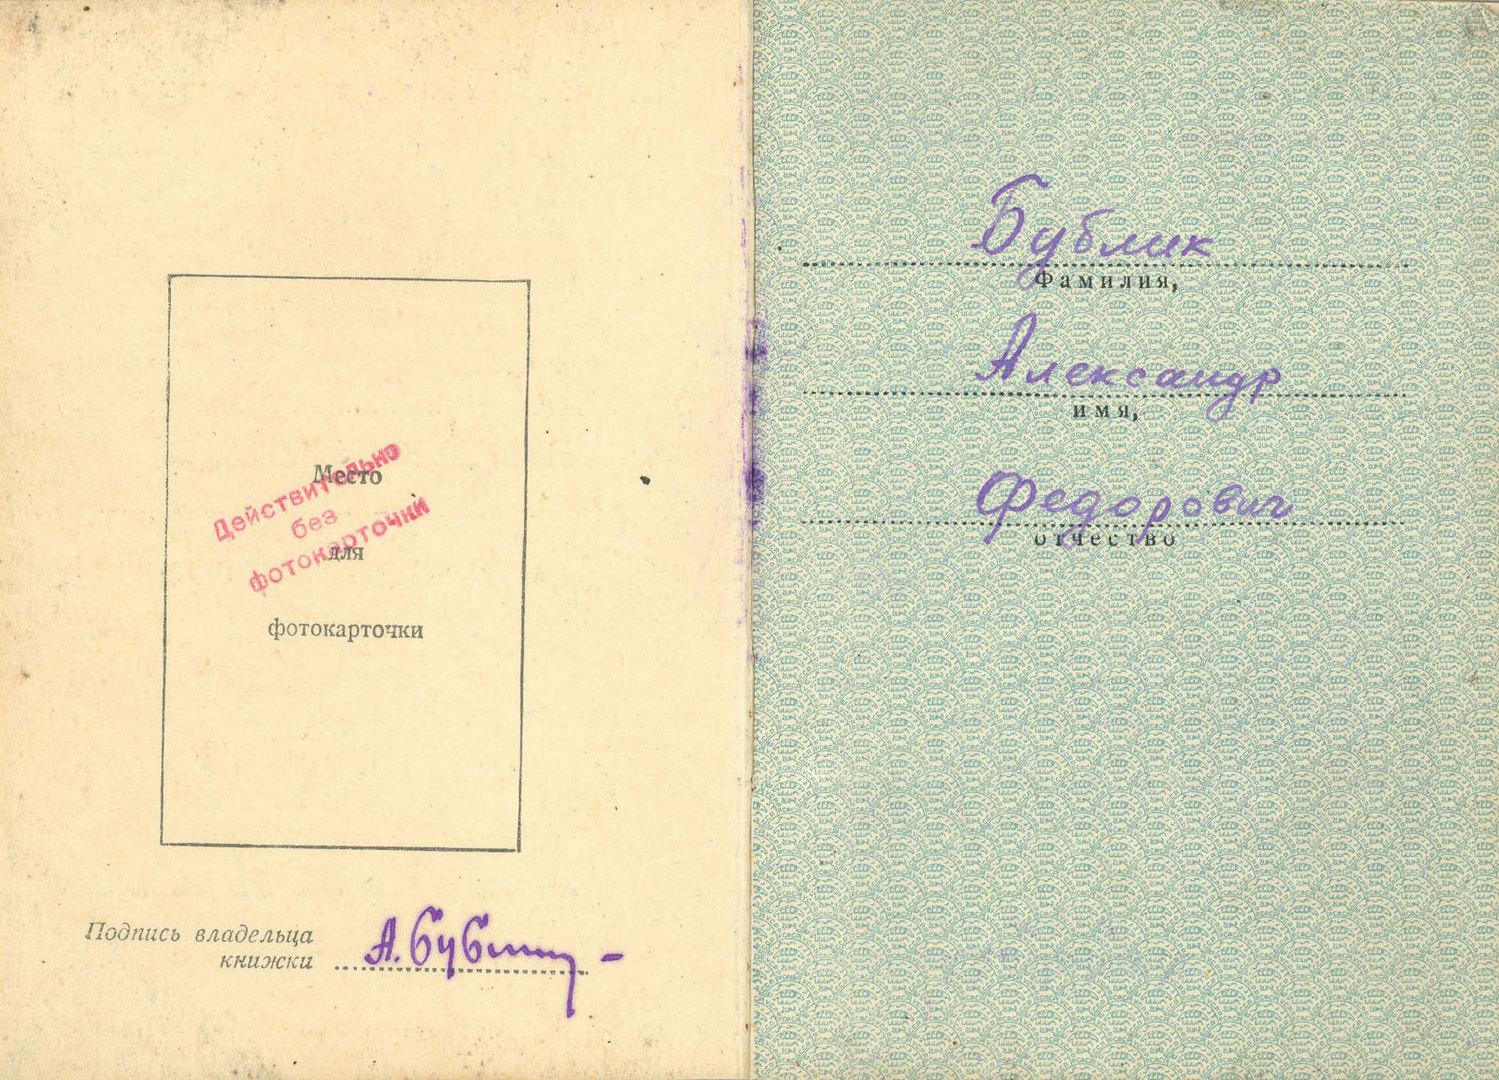 Орденская книжка № 920883 к ордену Красной Звезды № 208505